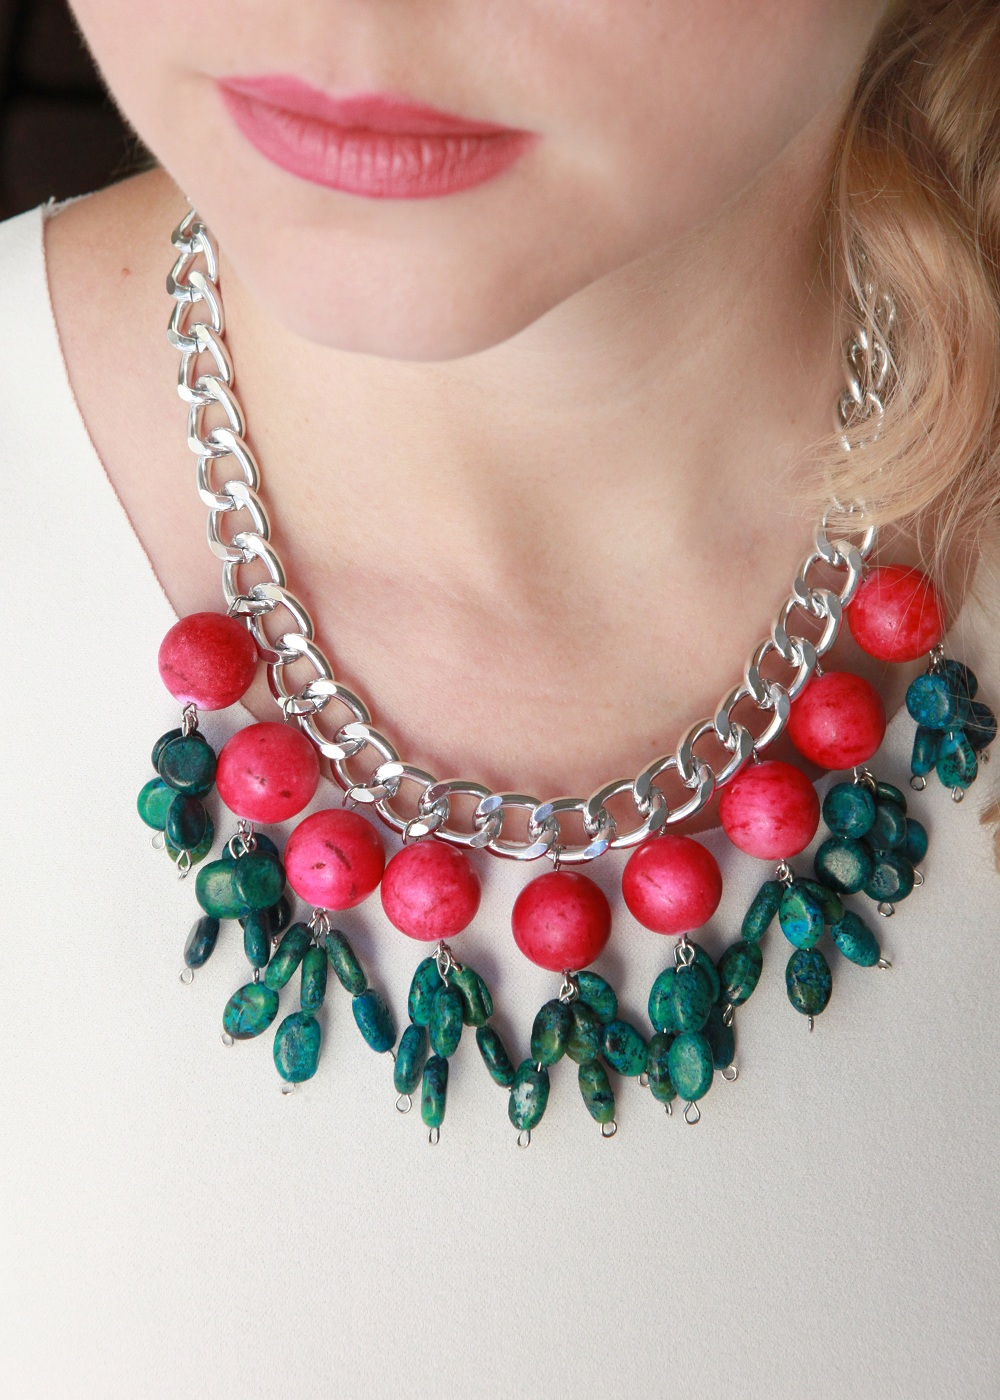 Halskette mit Halbedelsteinen/ Jade Fuxia Halskette mit Halbedelsteinen/ Jade Fuxia 29